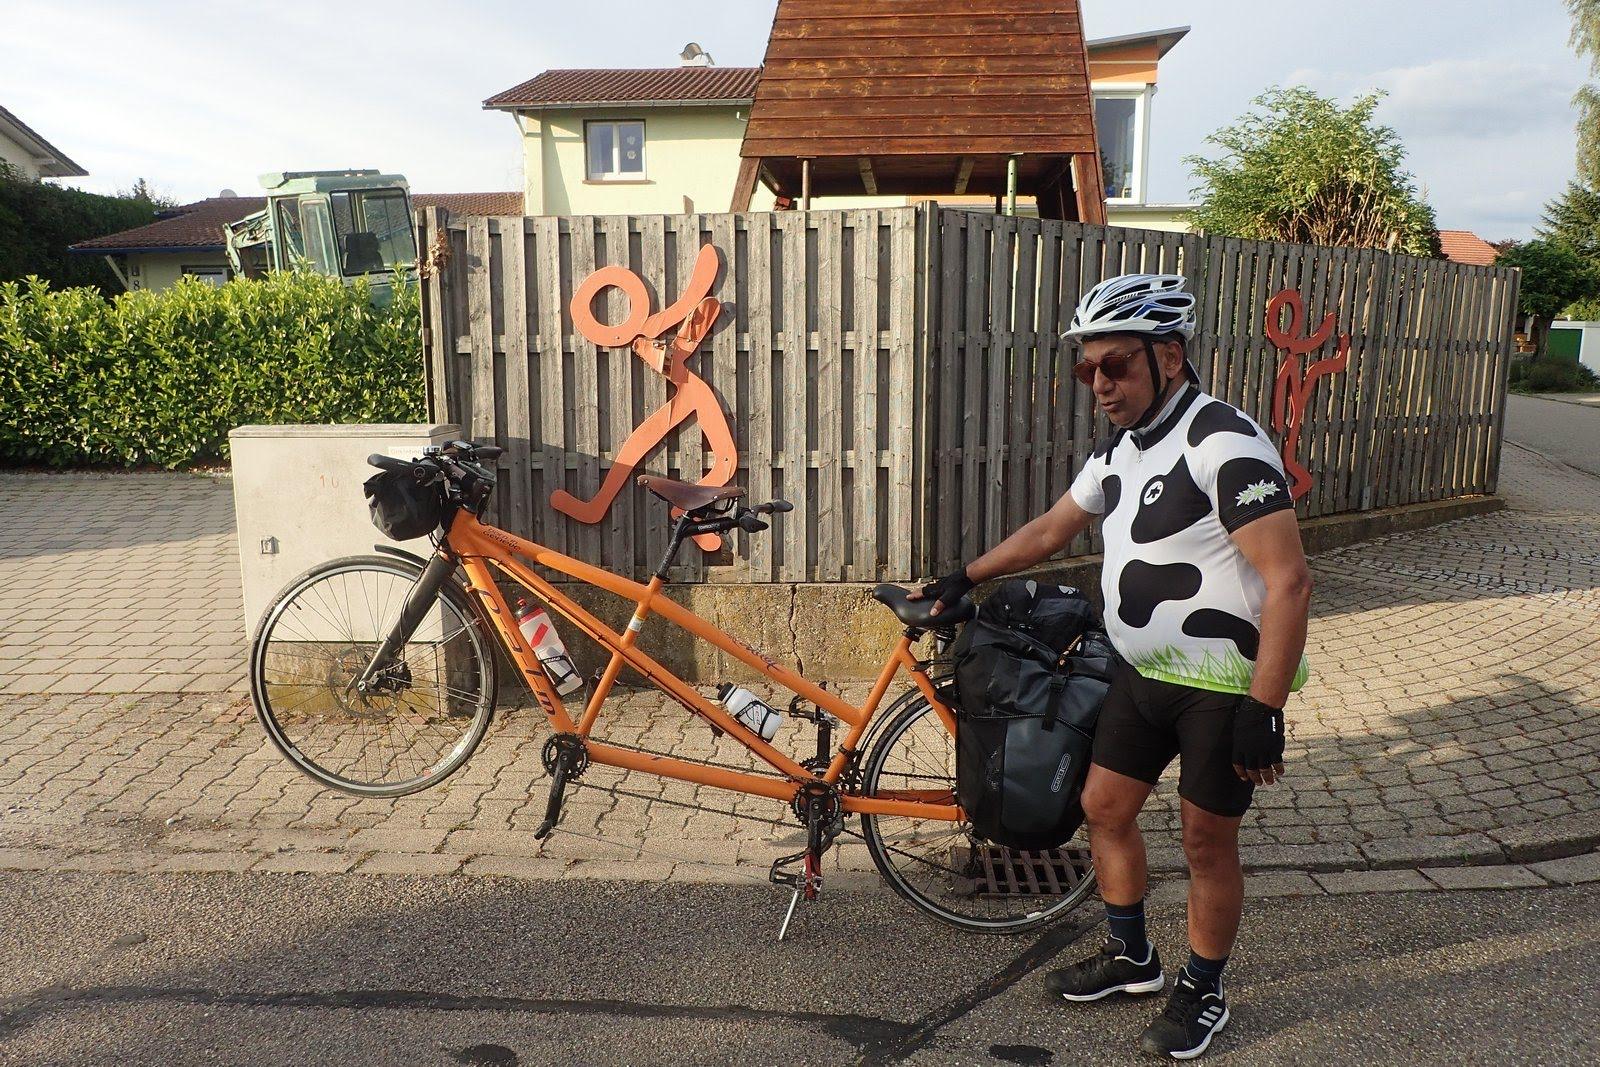 Gowri devant son vélo